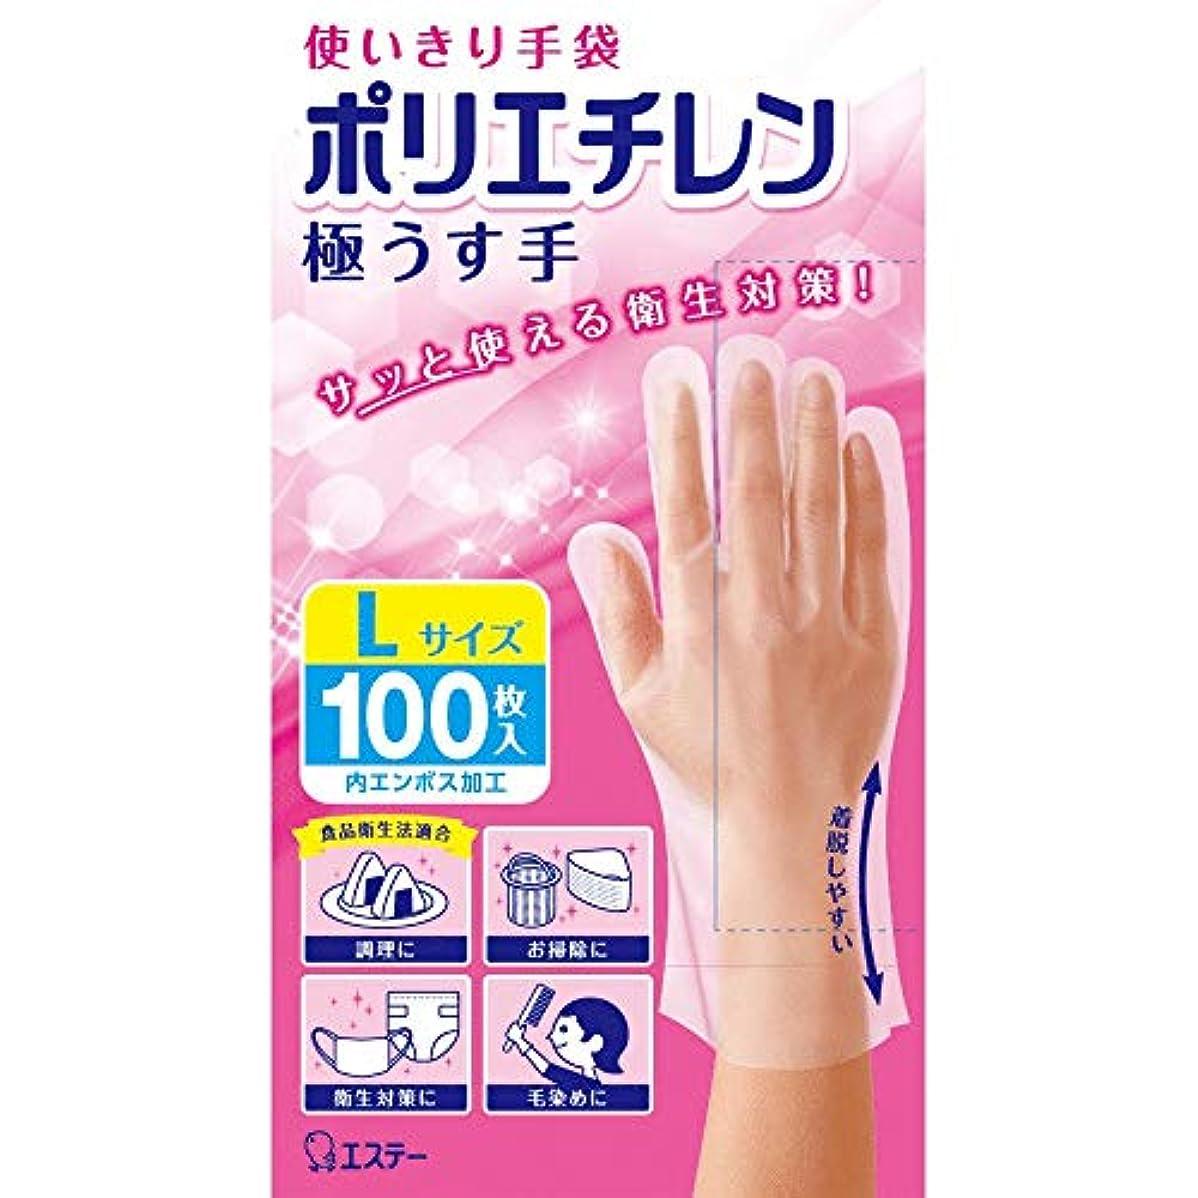 広告する乗り出すスカープ【24個まとめ買い】使いきり手袋 ポリエチレン 極うす手 Lサイズ 半透明 100枚 使い捨て ×24個